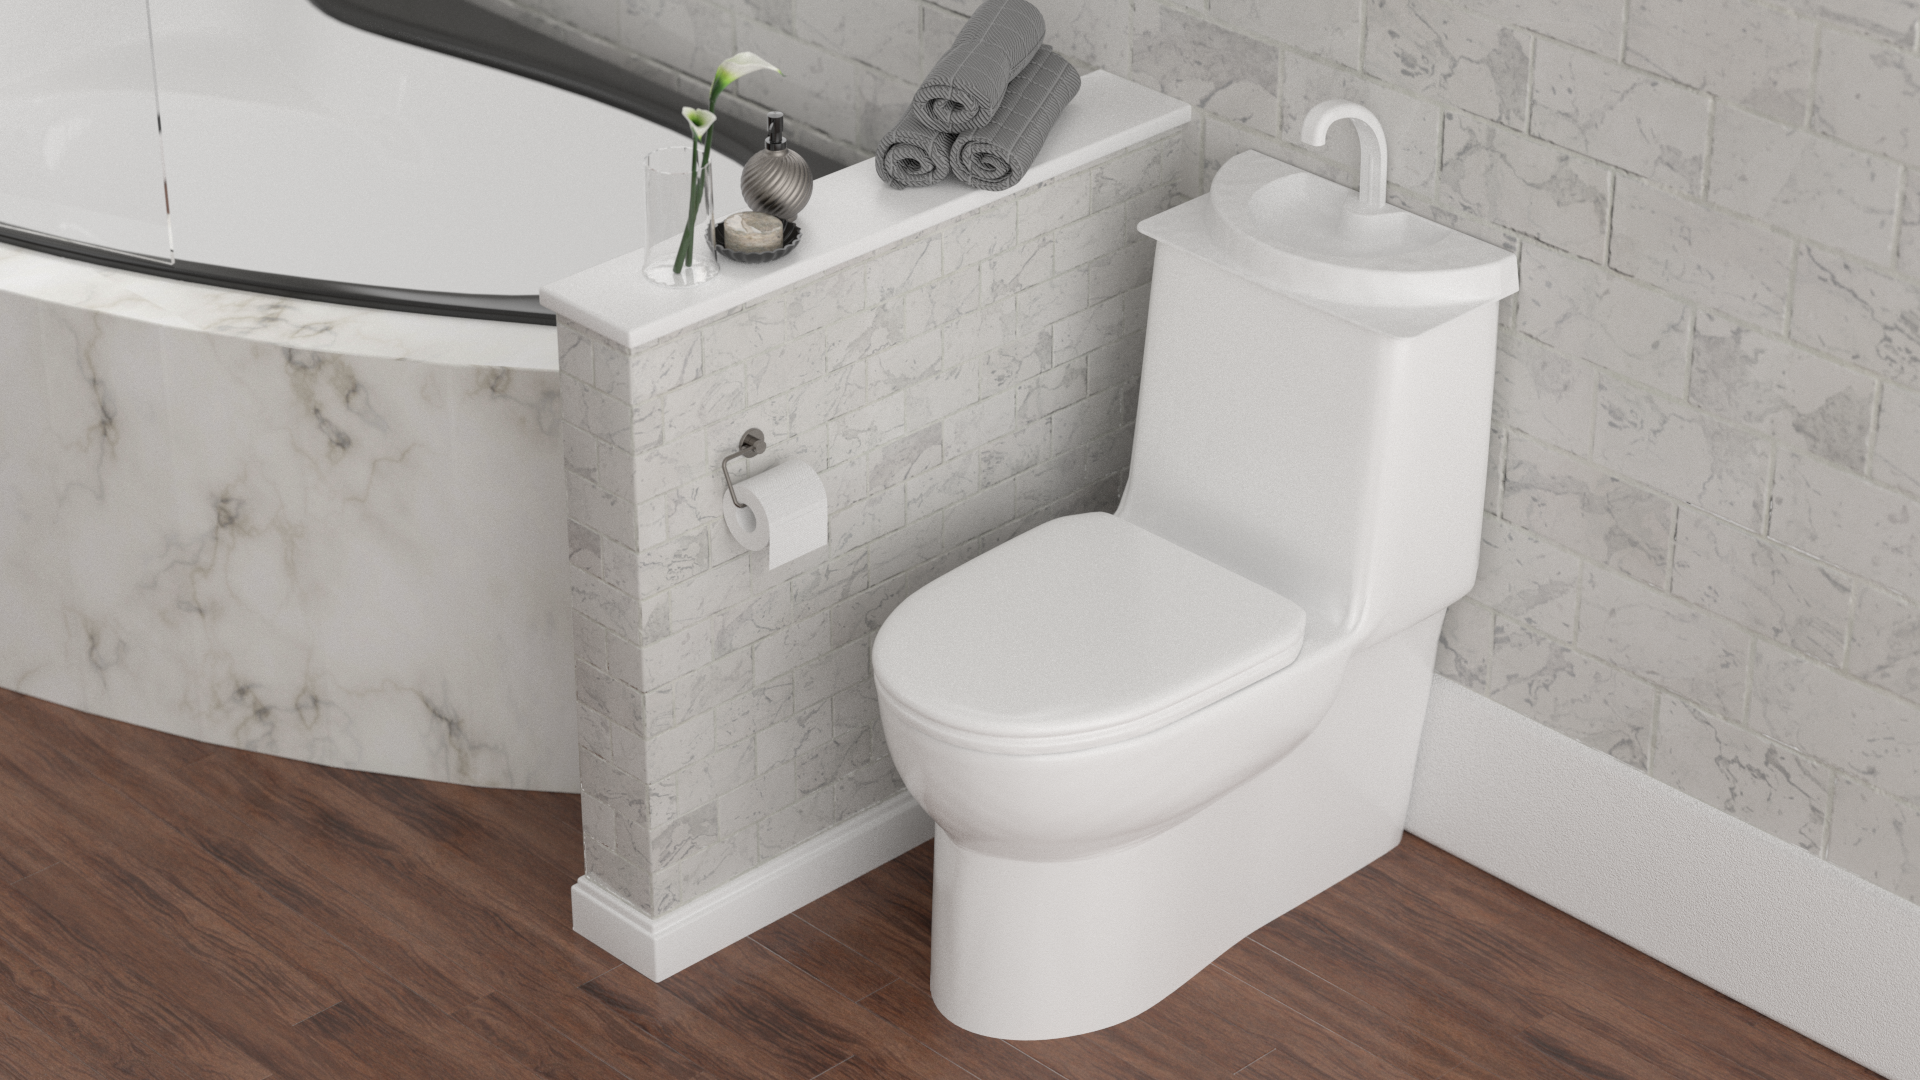 Toilet Tank Sink By Sinktwice